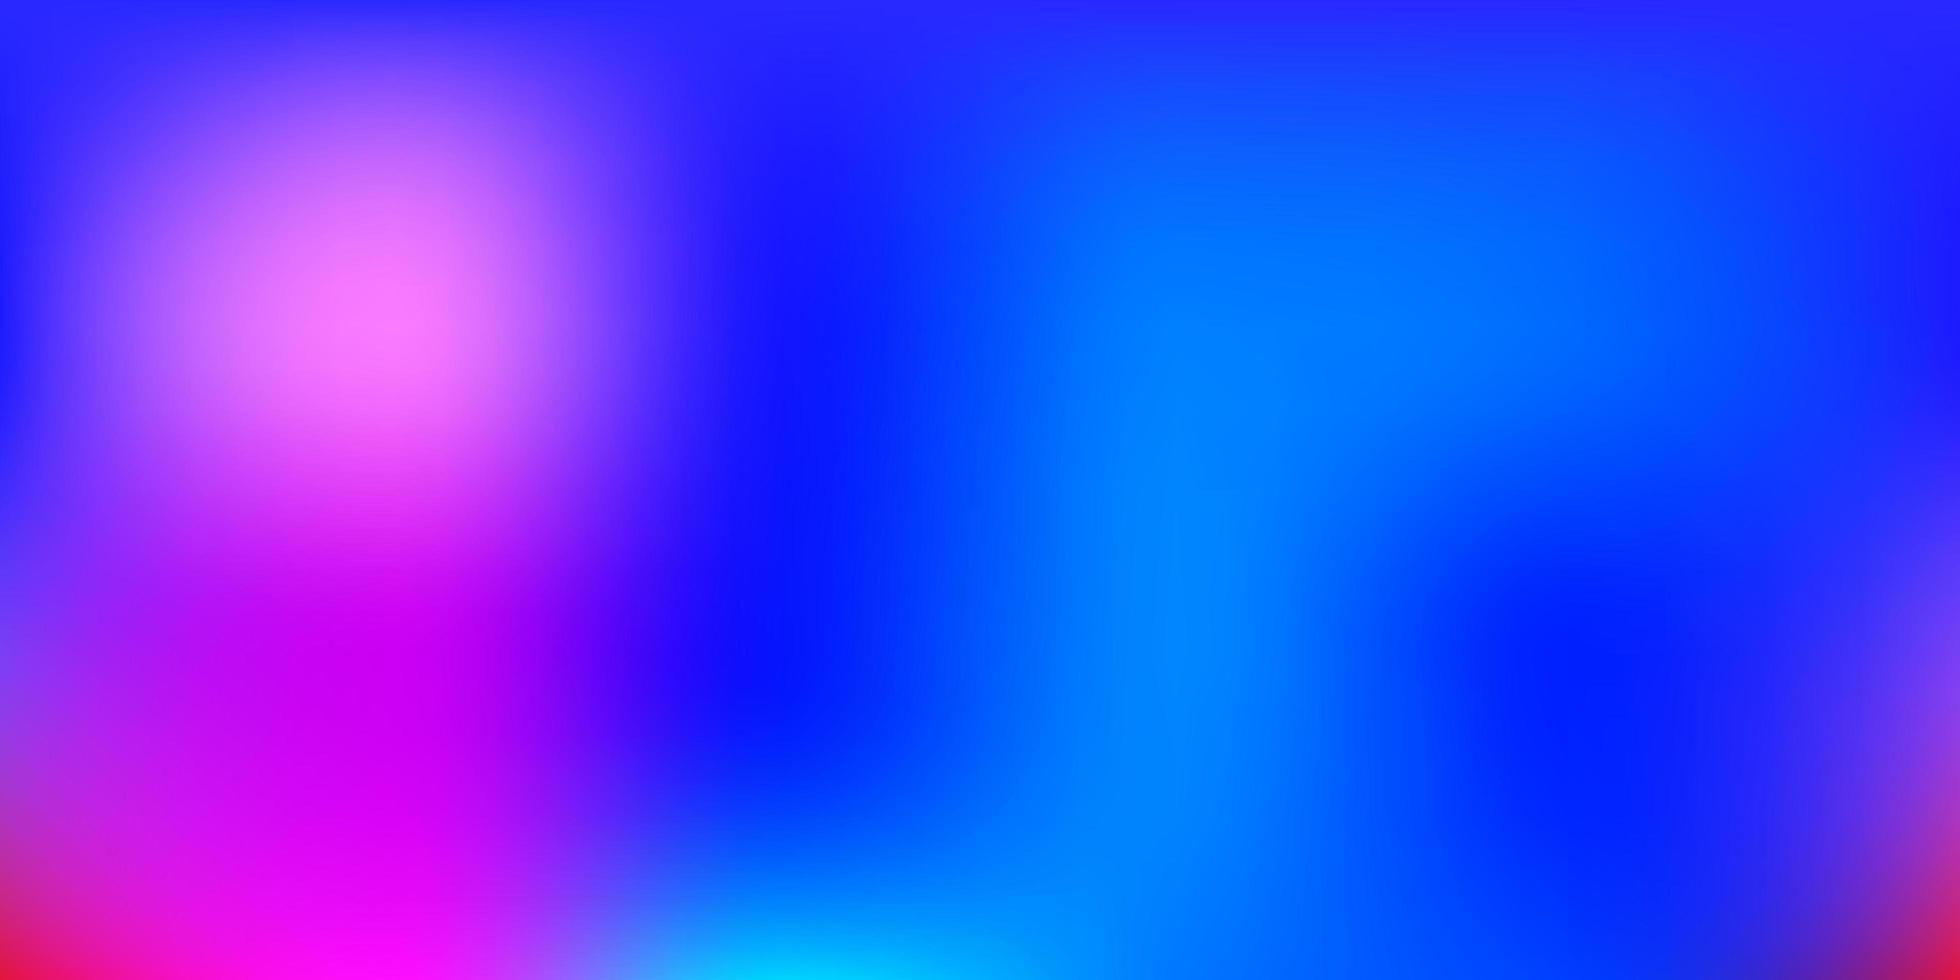 mehrfarbige Gradientenunschärfezeichnung. vektor